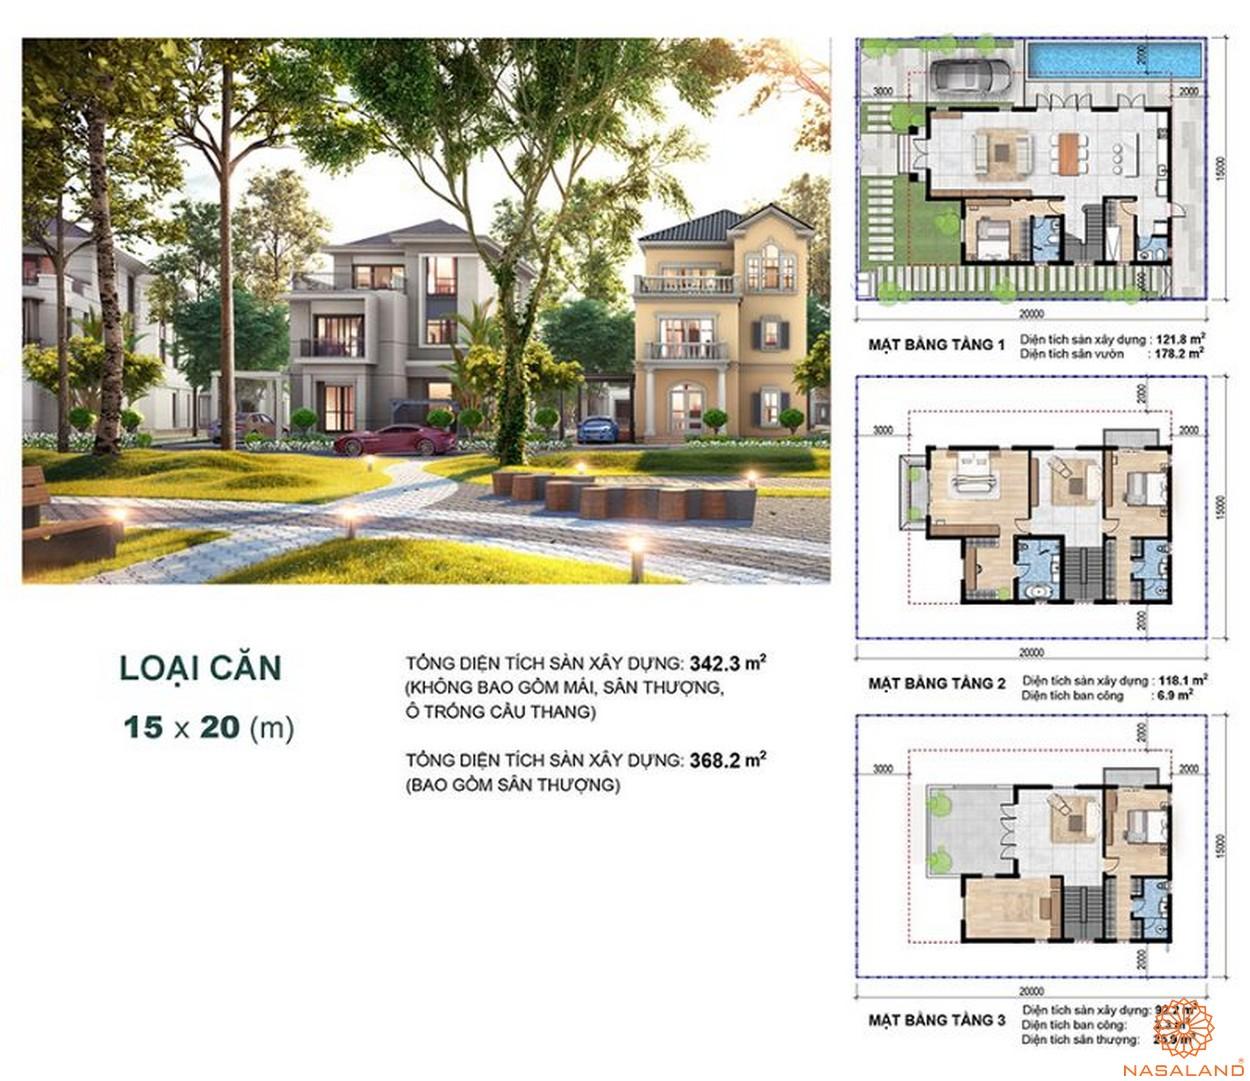 Thiết kế dự án biệt thự Aqua City Đảo Phượng Hoàng Đồng Nai - bt đơn lập